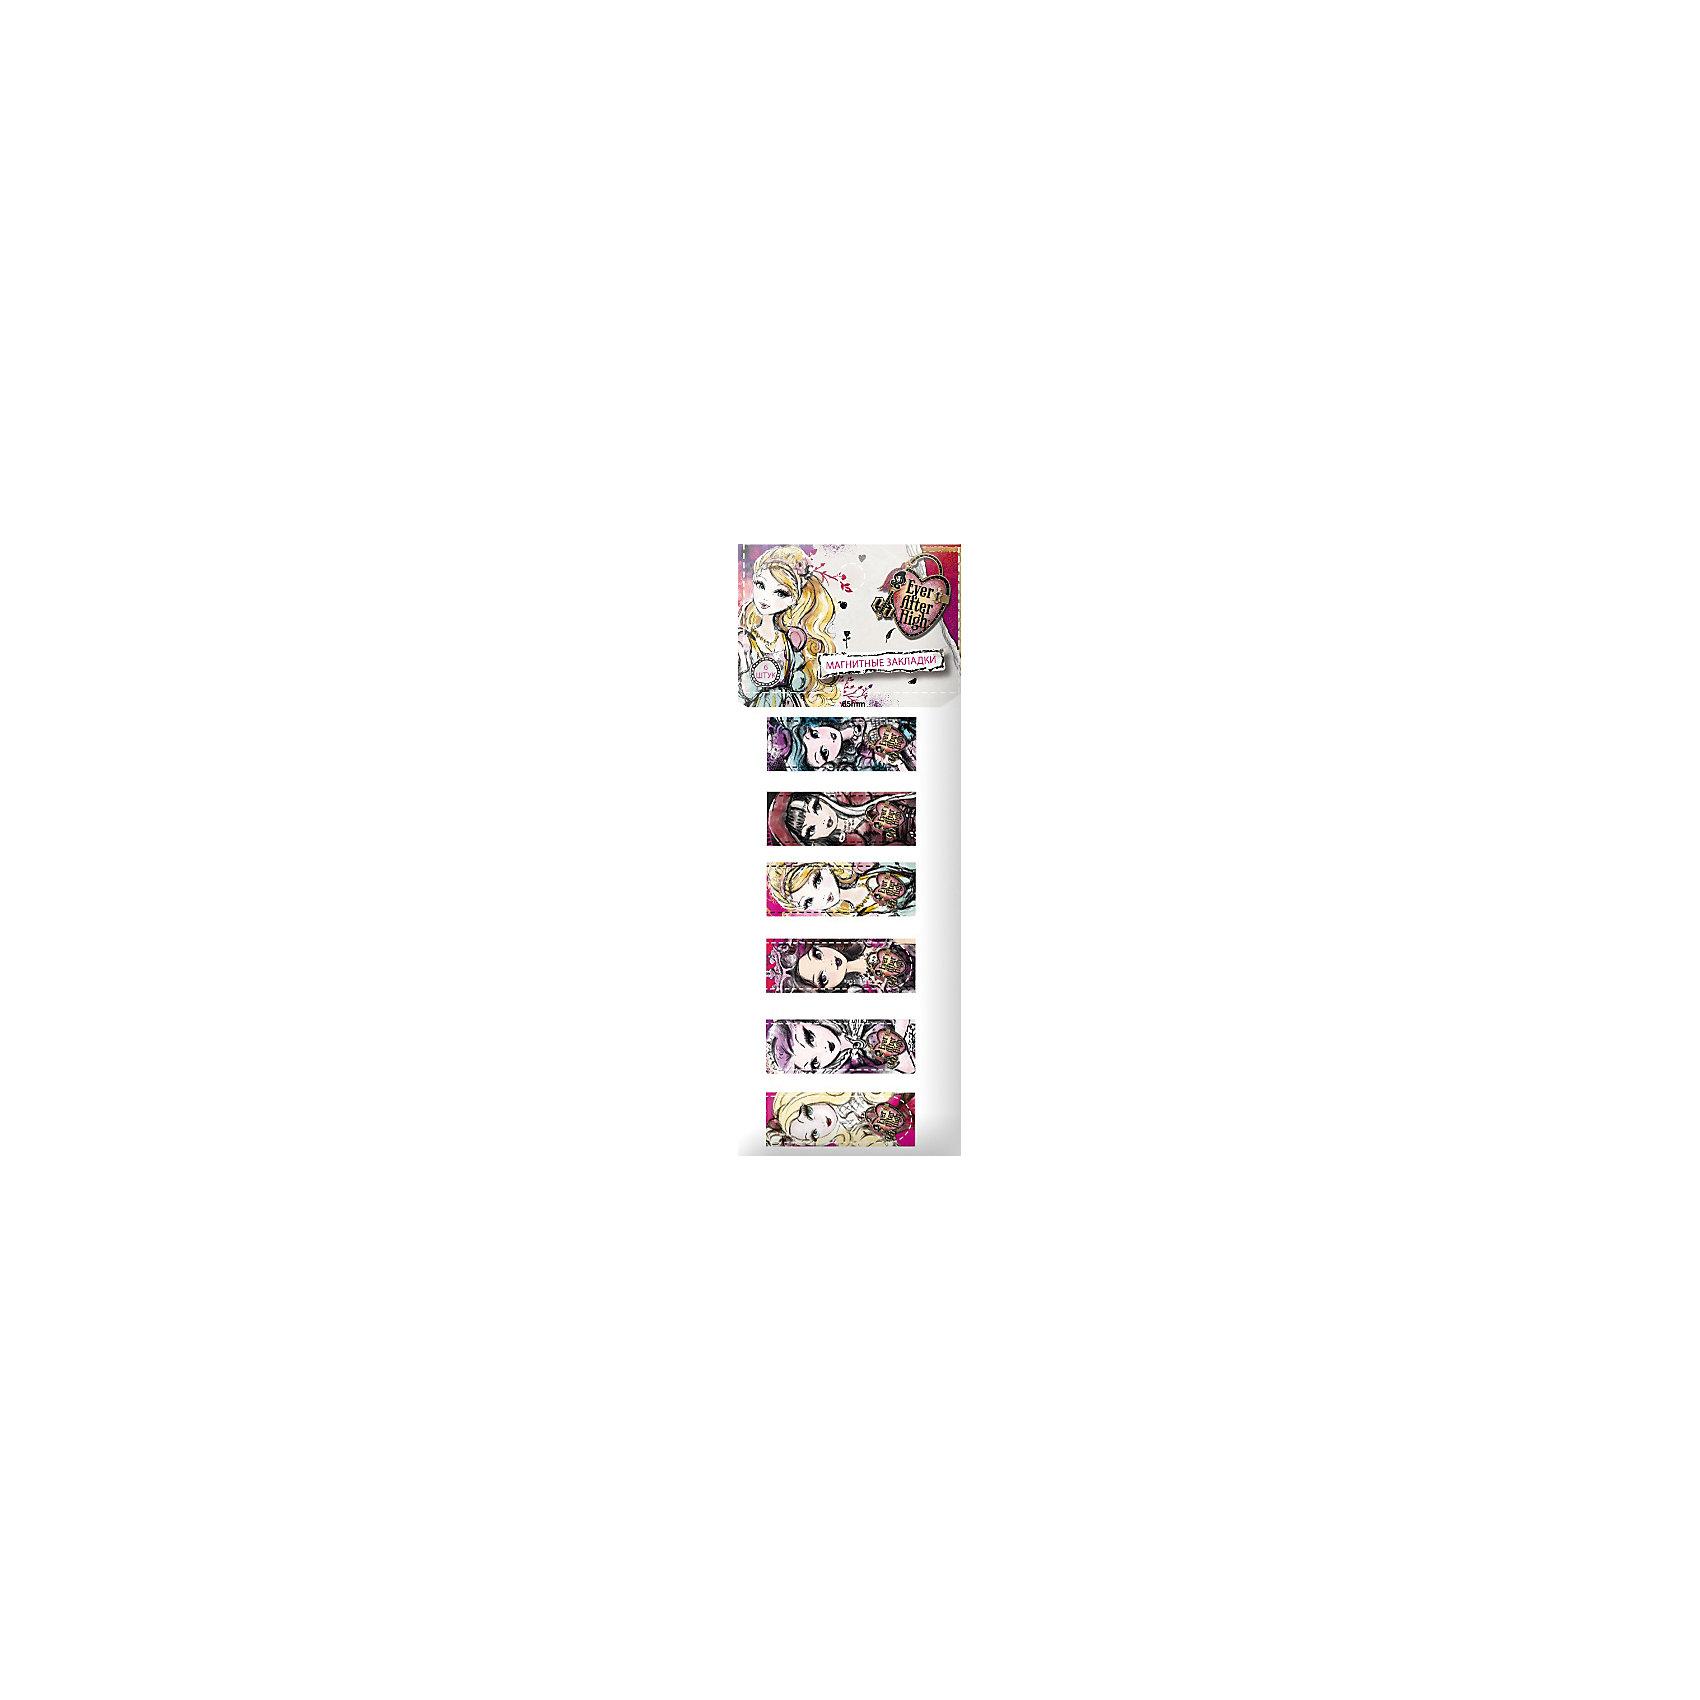 Магнитные закладки (6 шт), Ever after HighМагнитные закладки (6 шт), Ever after High (Эвер Афтер Хай) - это яркие закладки с изображением любимых героев мультсериала Ever after High.<br>Закладки магнитные, Ever after High порадуют маленьких поклонников мультфильма. Магнитные закладки представляют собой сложенную пополам полосу, которую надежно фиксируют по обеим сторонам страницы сверху или сбоку. Магнитные закладки для книг не выпадут из книги, даже если ребенок ее случайно уронит.<br><br>Дополнительная информация:<br><br>- В наборе: закладки магнитно-пластиковые 6 штук<br>- Размер упаковки: 2 х 70 х 170 мм.<br>- Вес: 100 гр.<br><br>Магнитные закладки (6 шт), Ever after High (Долго и счастливо) можно купить в нашем интернет-магазине.<br><br>Ширина мм: 2<br>Глубина мм: 70<br>Высота мм: 170<br>Вес г: 100<br>Возраст от месяцев: 36<br>Возраст до месяцев: 168<br>Пол: Женский<br>Возраст: Детский<br>SKU: 4017811